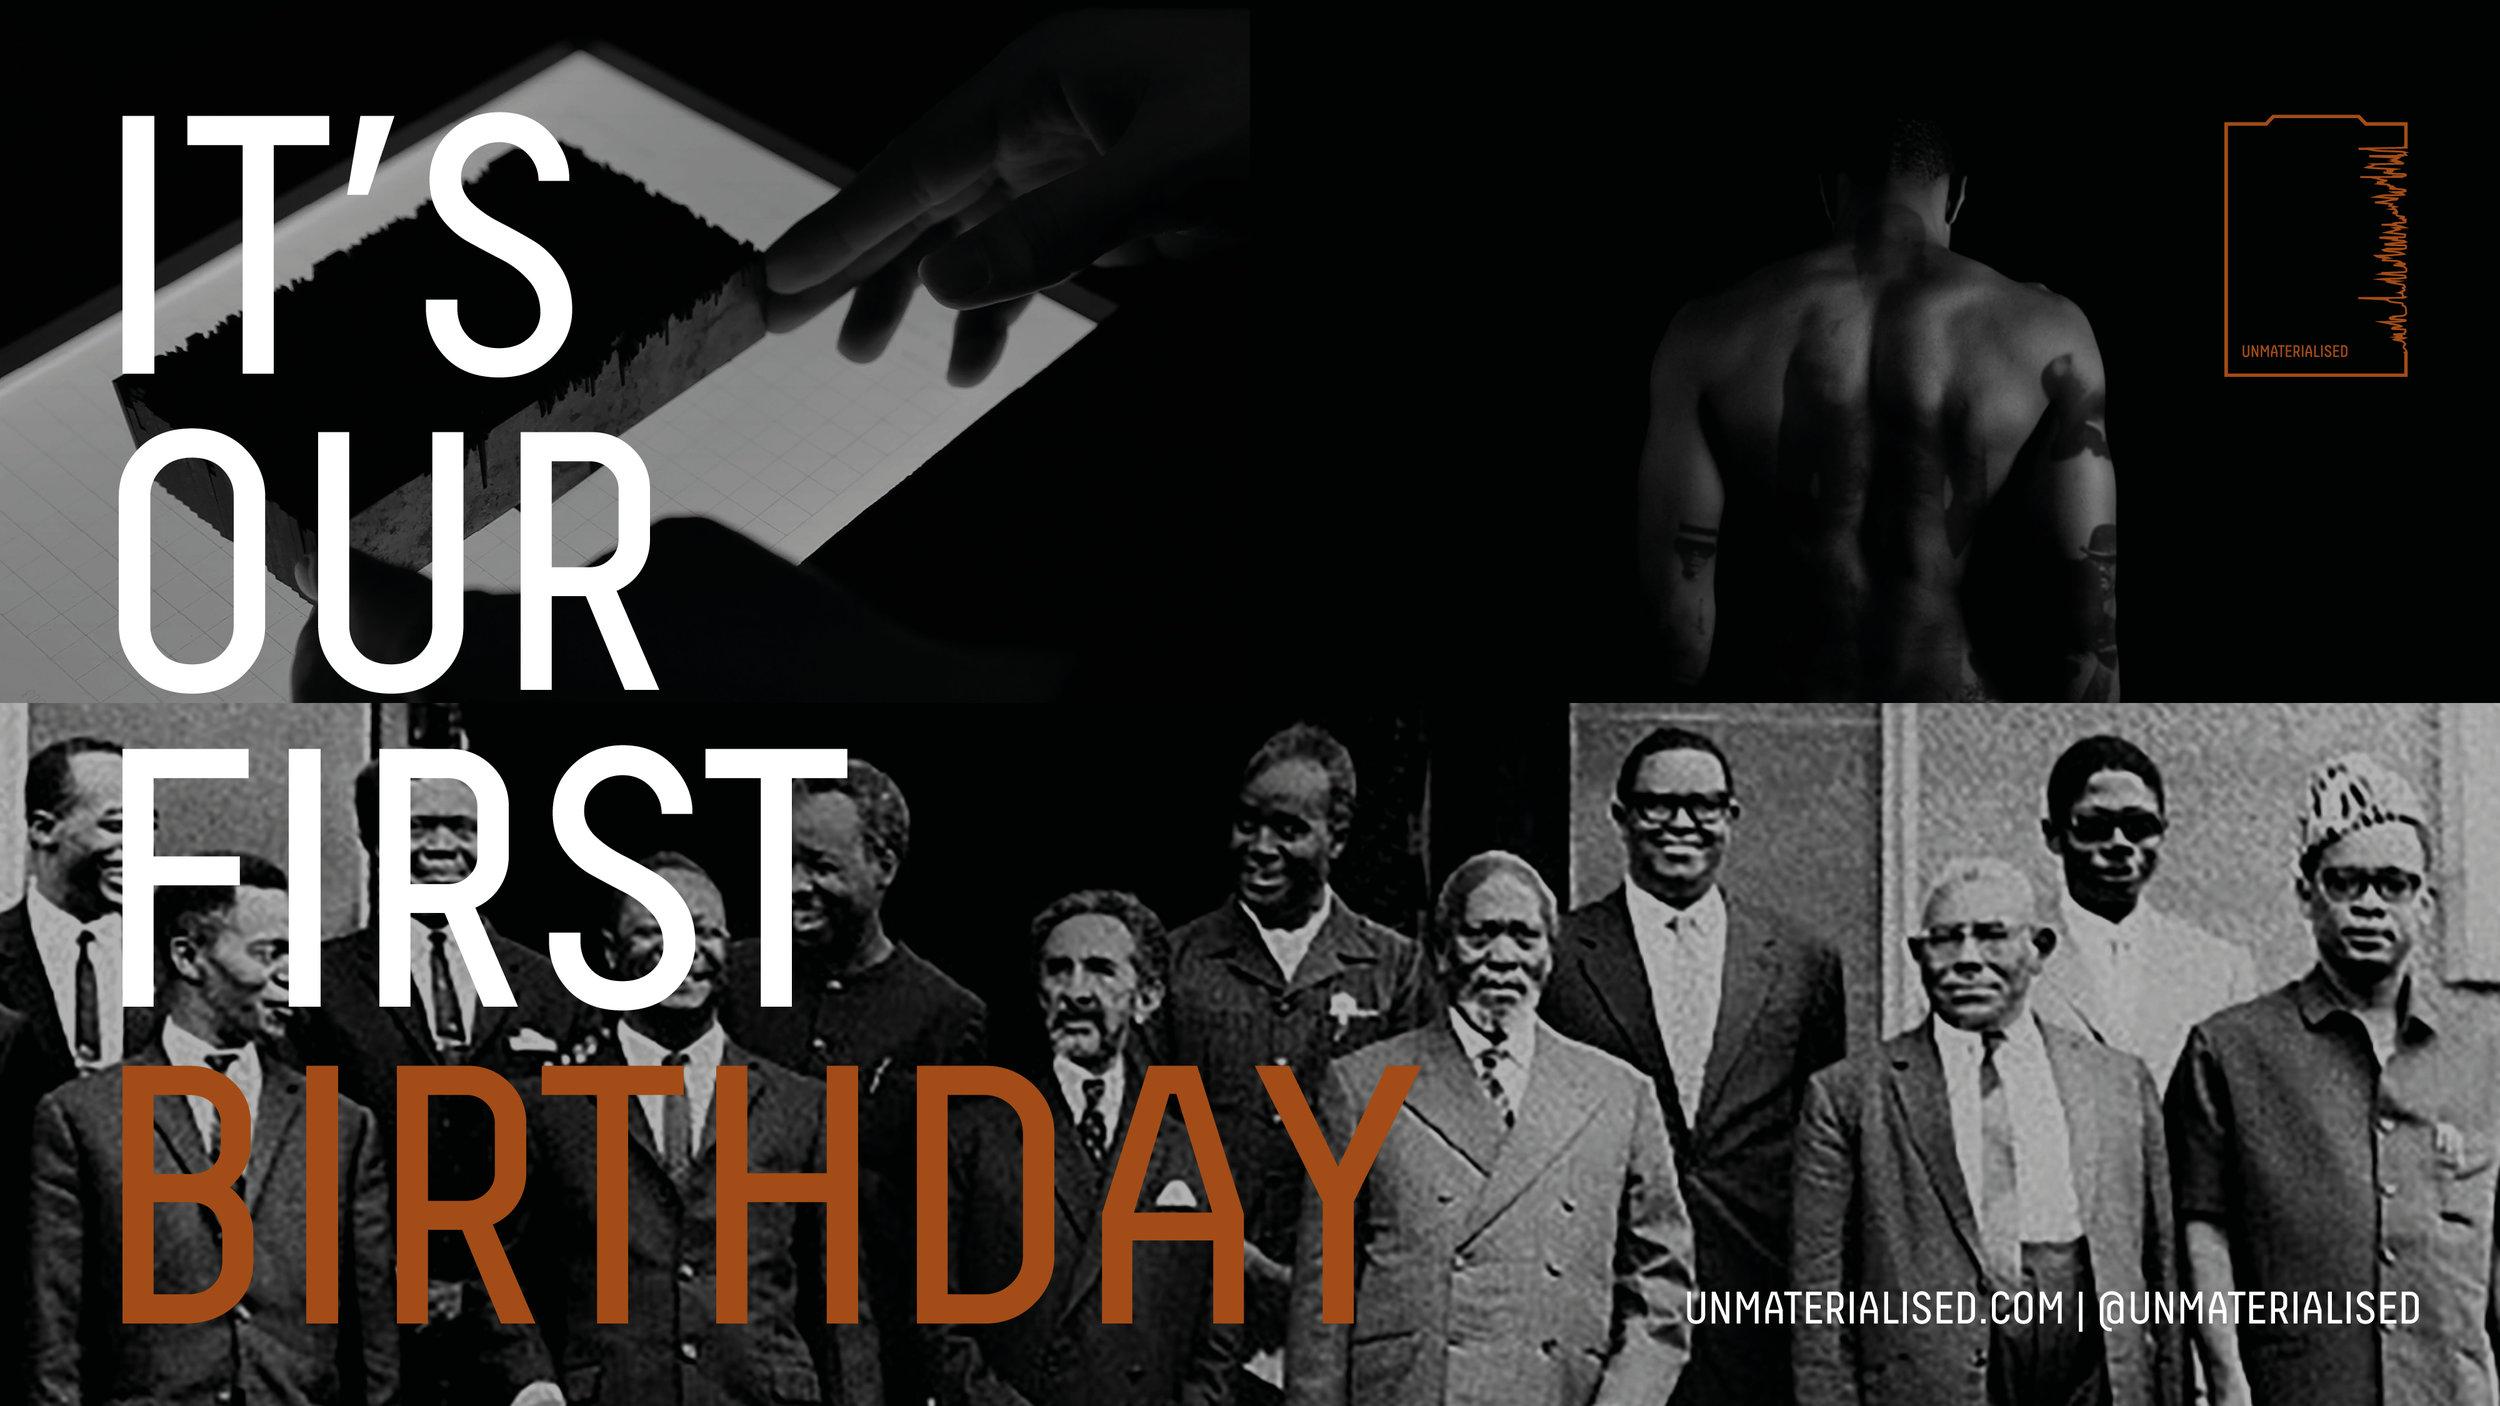 Unmaterialised (birthday).jpg